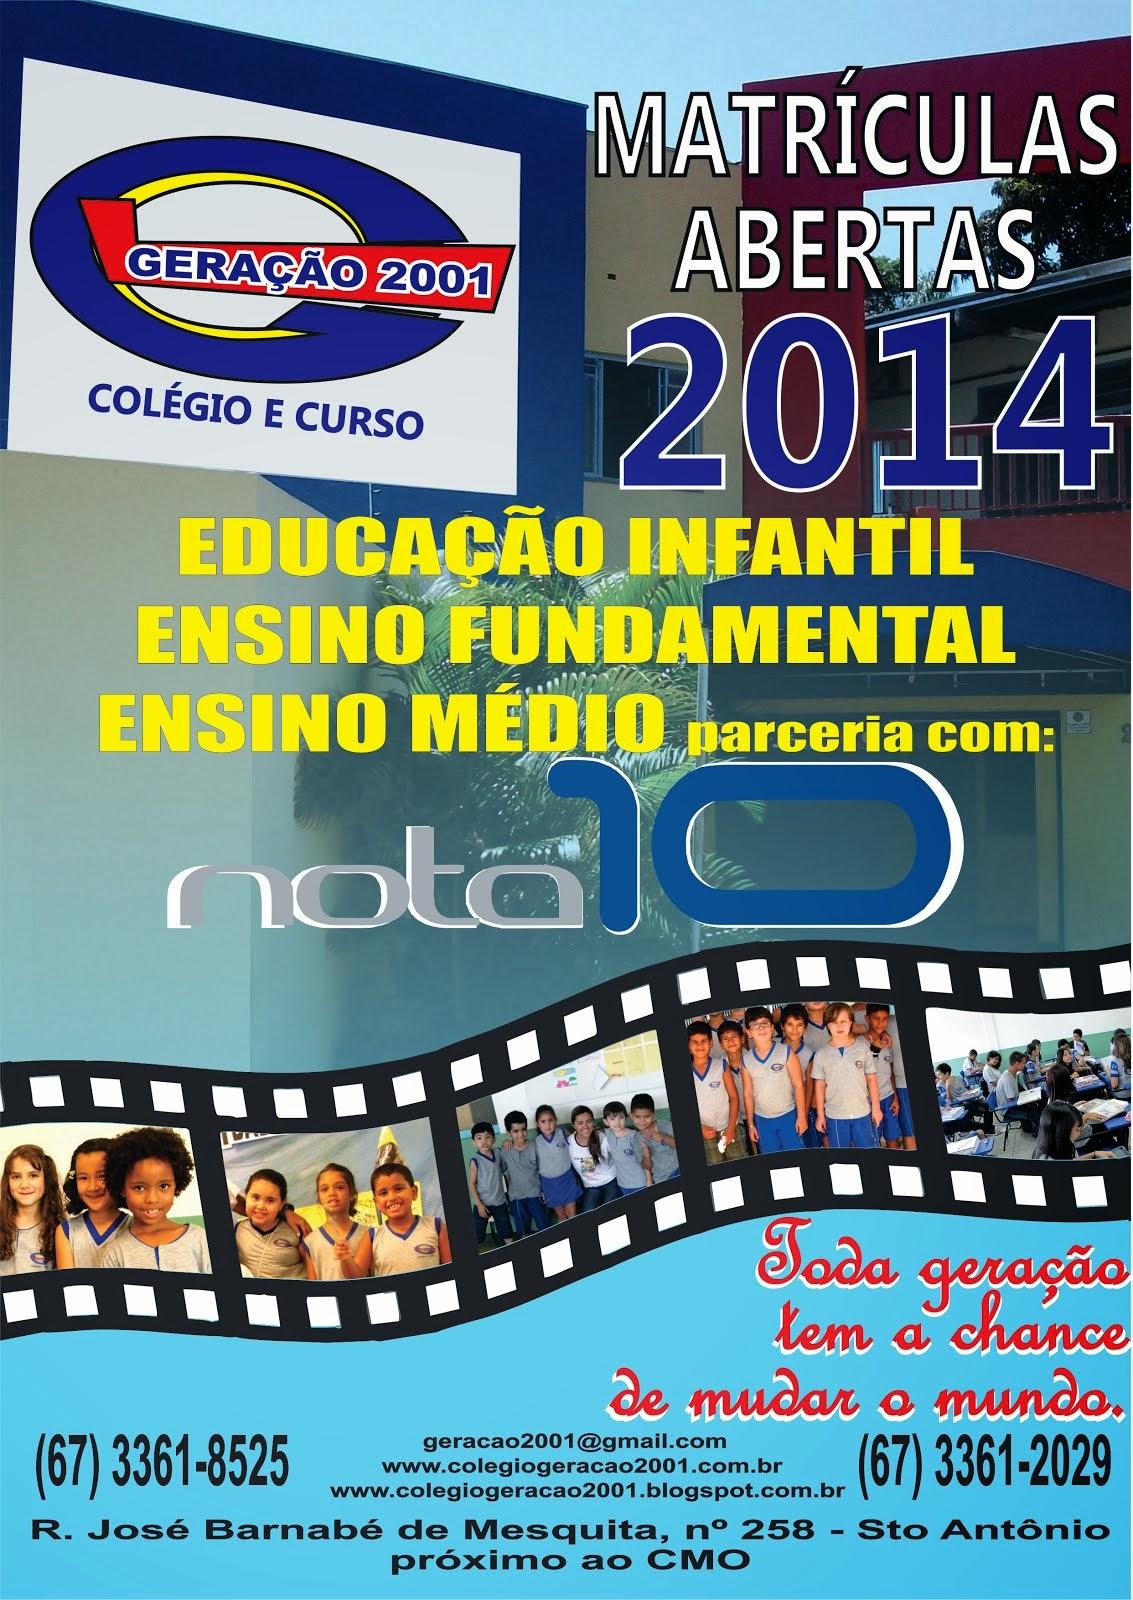 Matriculas Abertas 2014